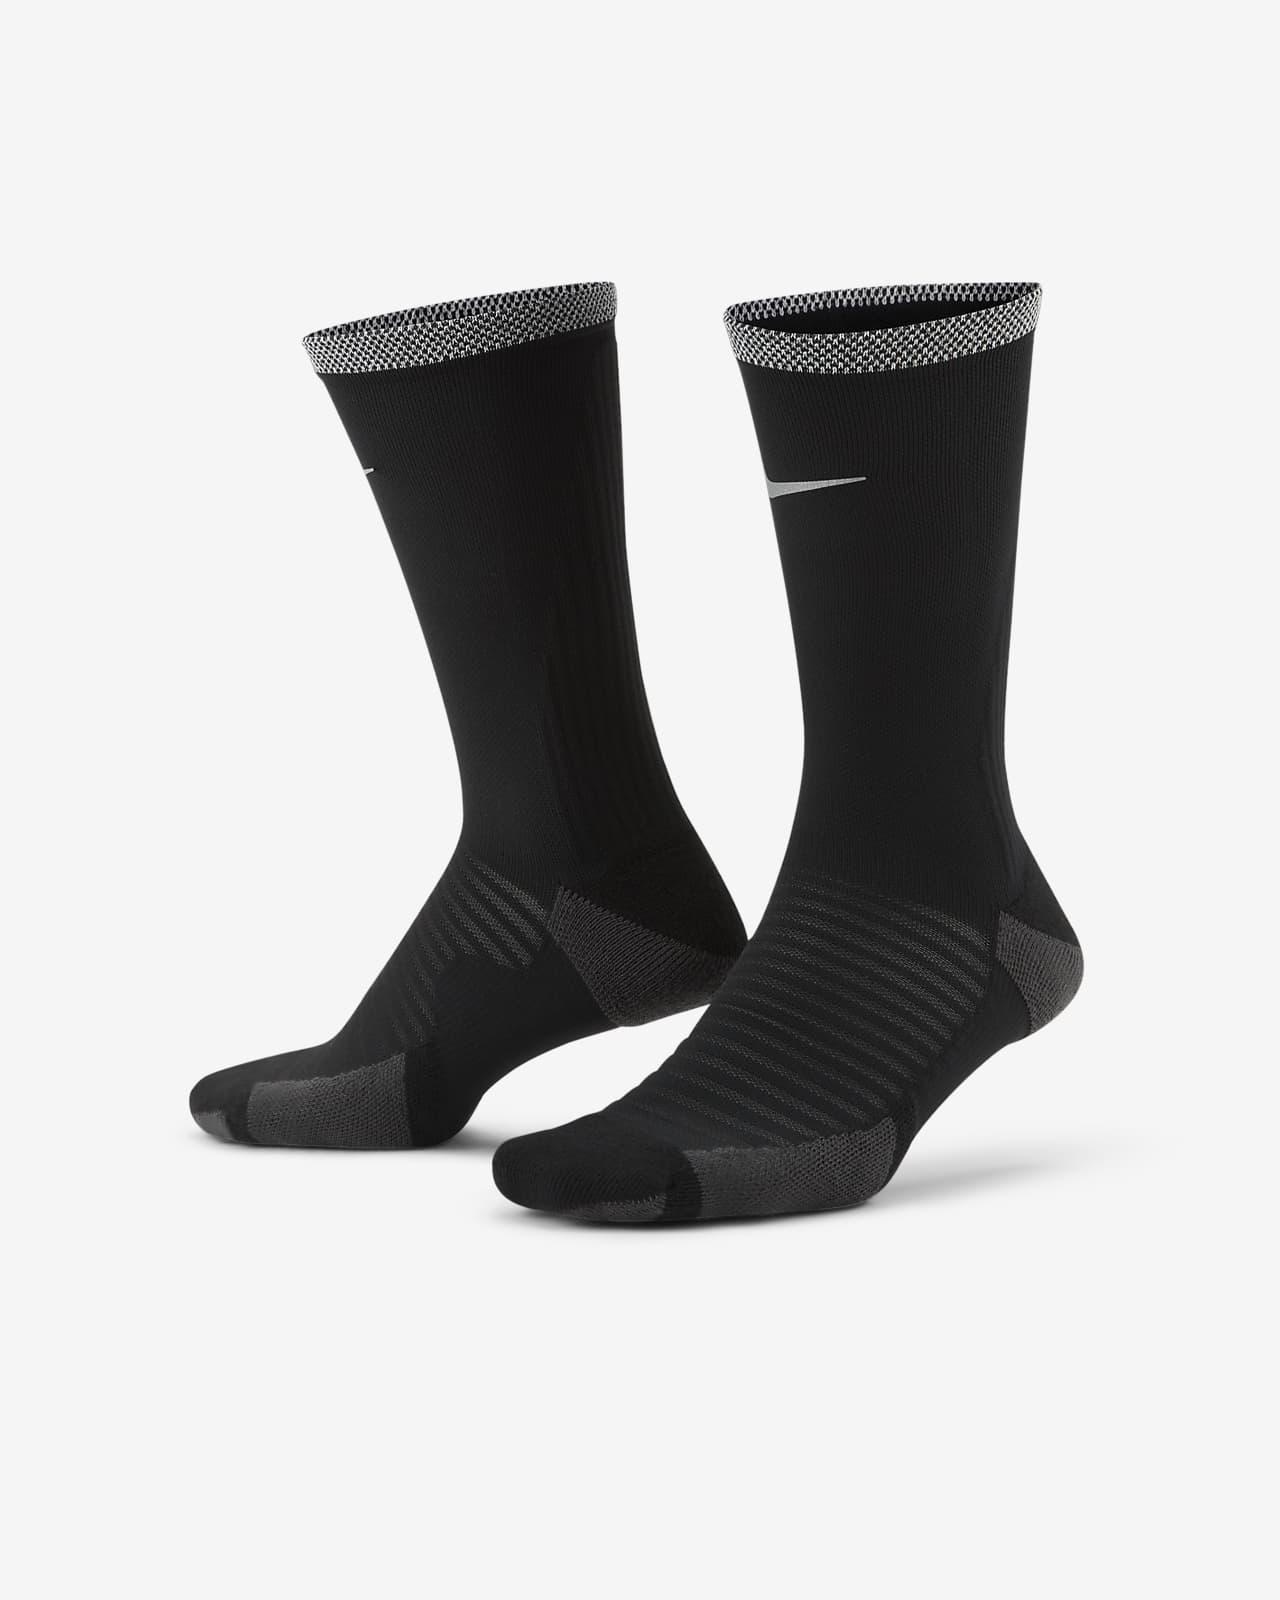 Skarpety do biegania z amortyzacją Nike Spark